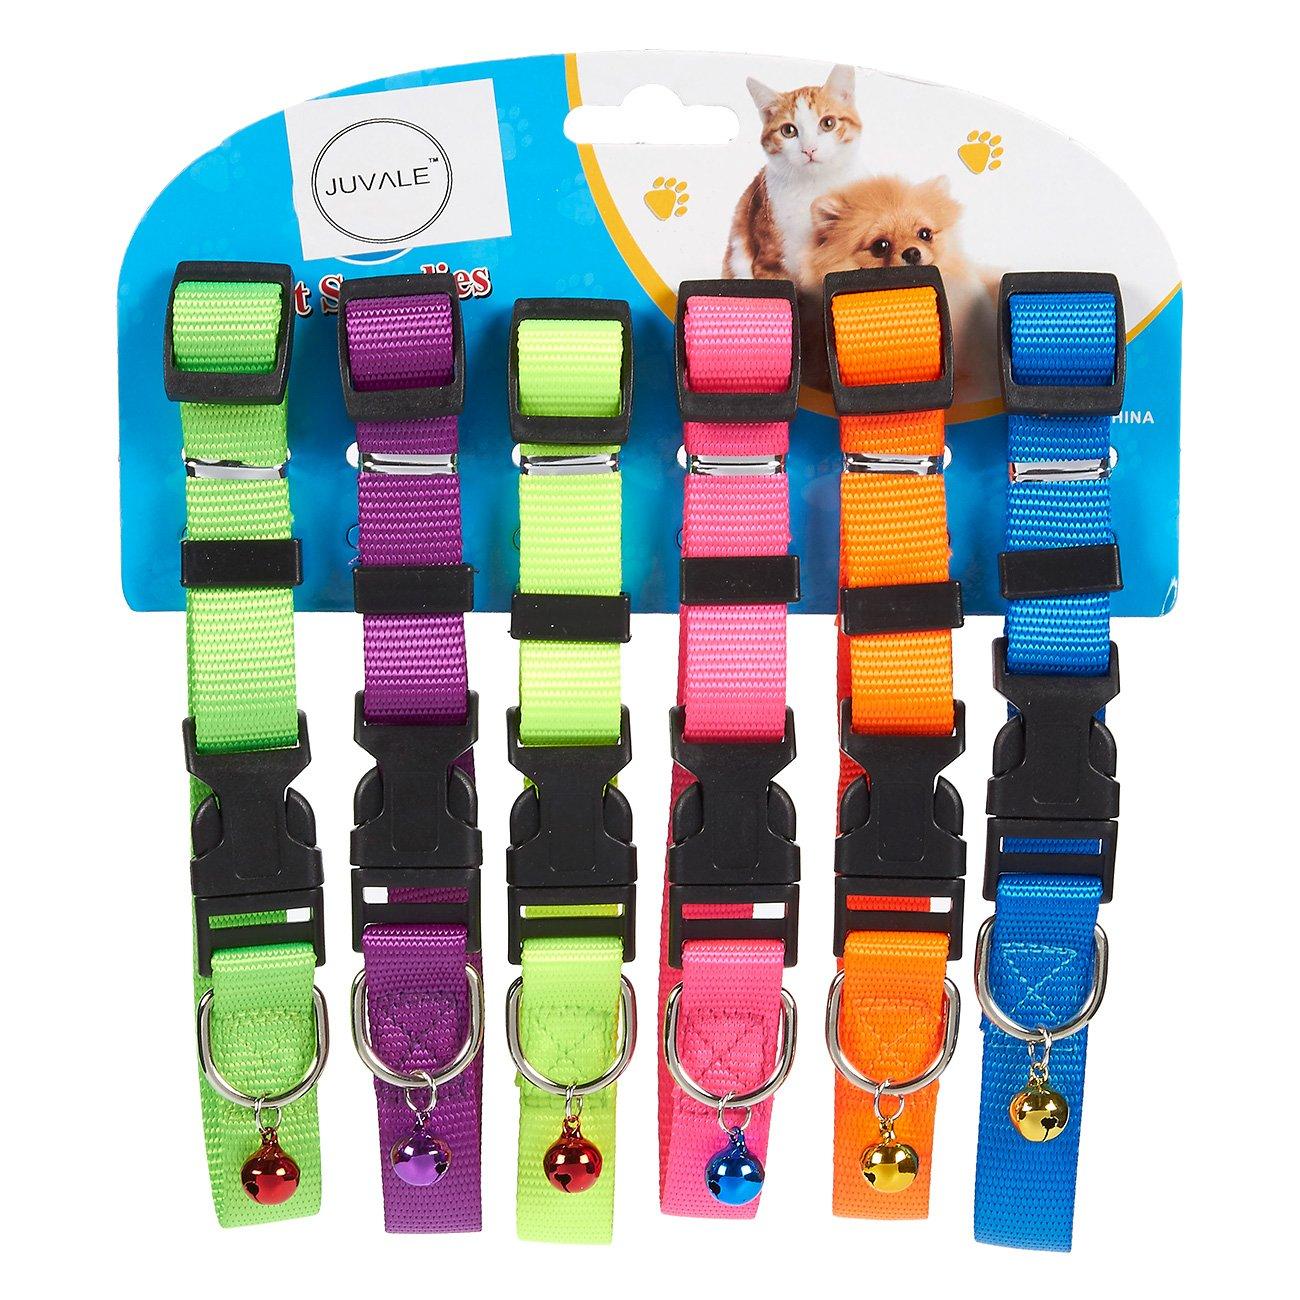 Doux en nylon pour chien ID Colliers Ensemble de est disponible en 6couleurs différentes. Ils sont classique et Convient pour les mâles et femelles Chiens et chats. Le Matériau de tissu doux n'est pas seulement confortable mais aussi en machine. Le les Co